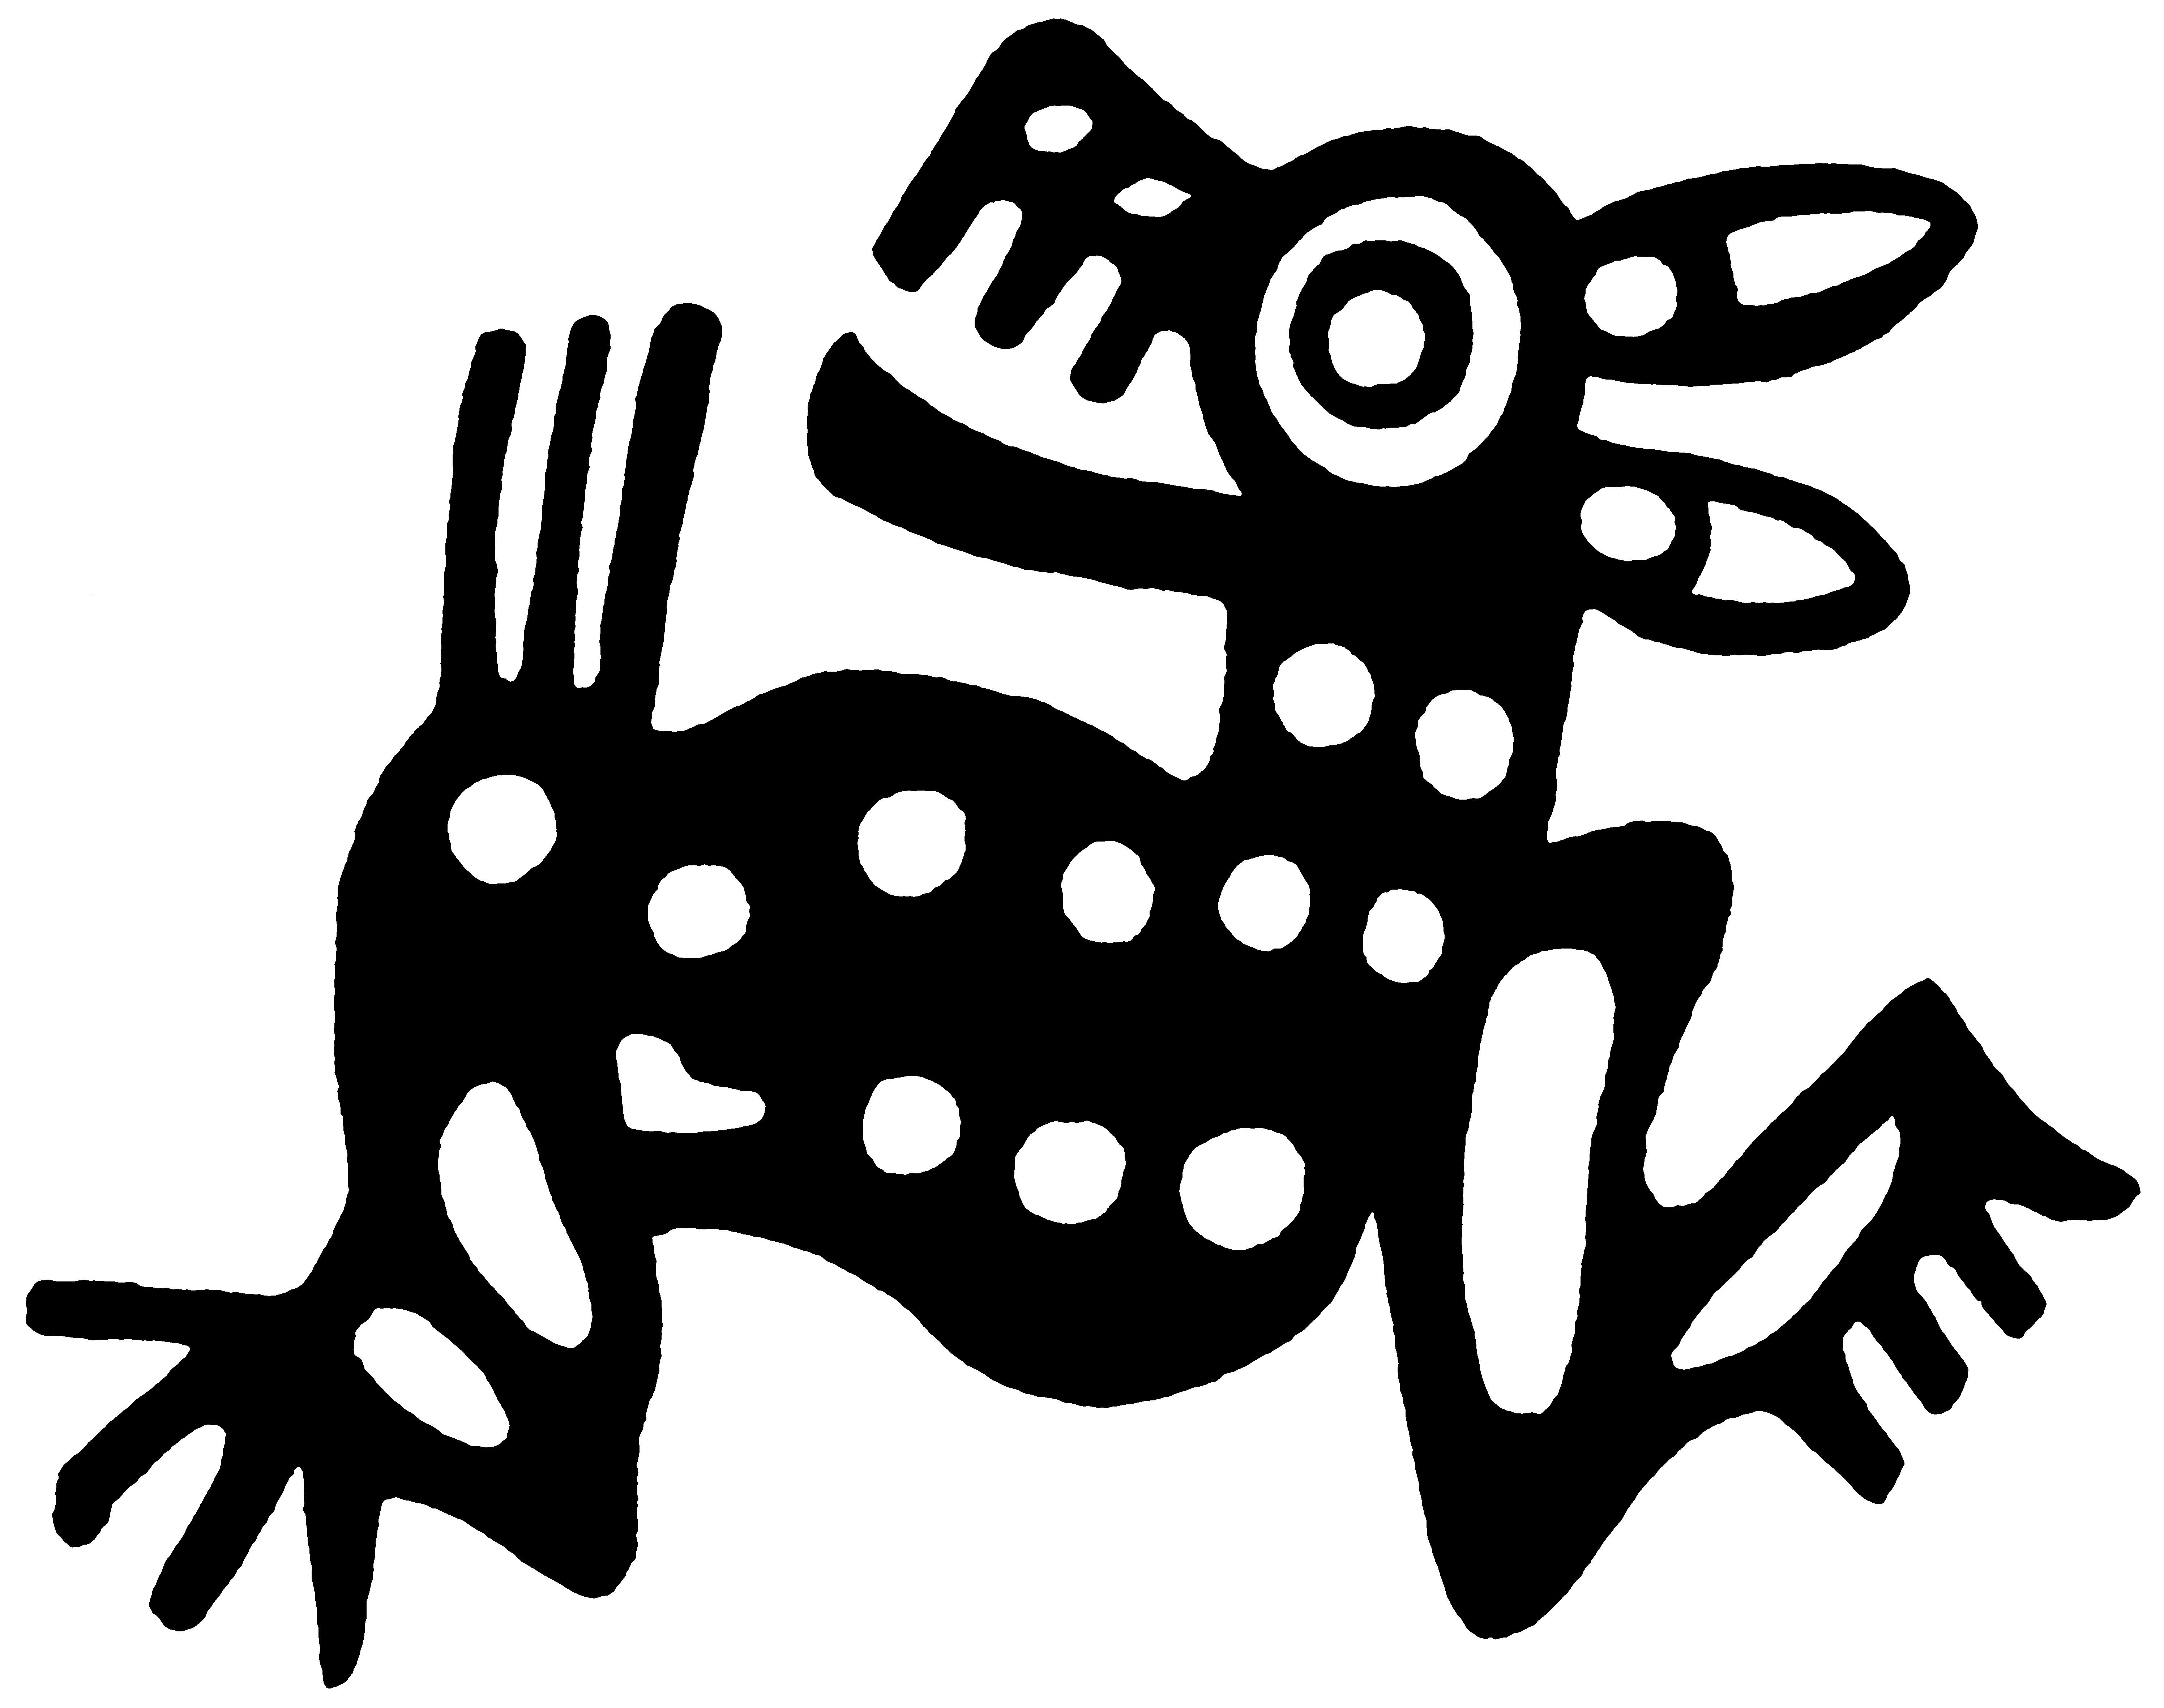 Imágenes prehispánicas   Artcubo - Educación